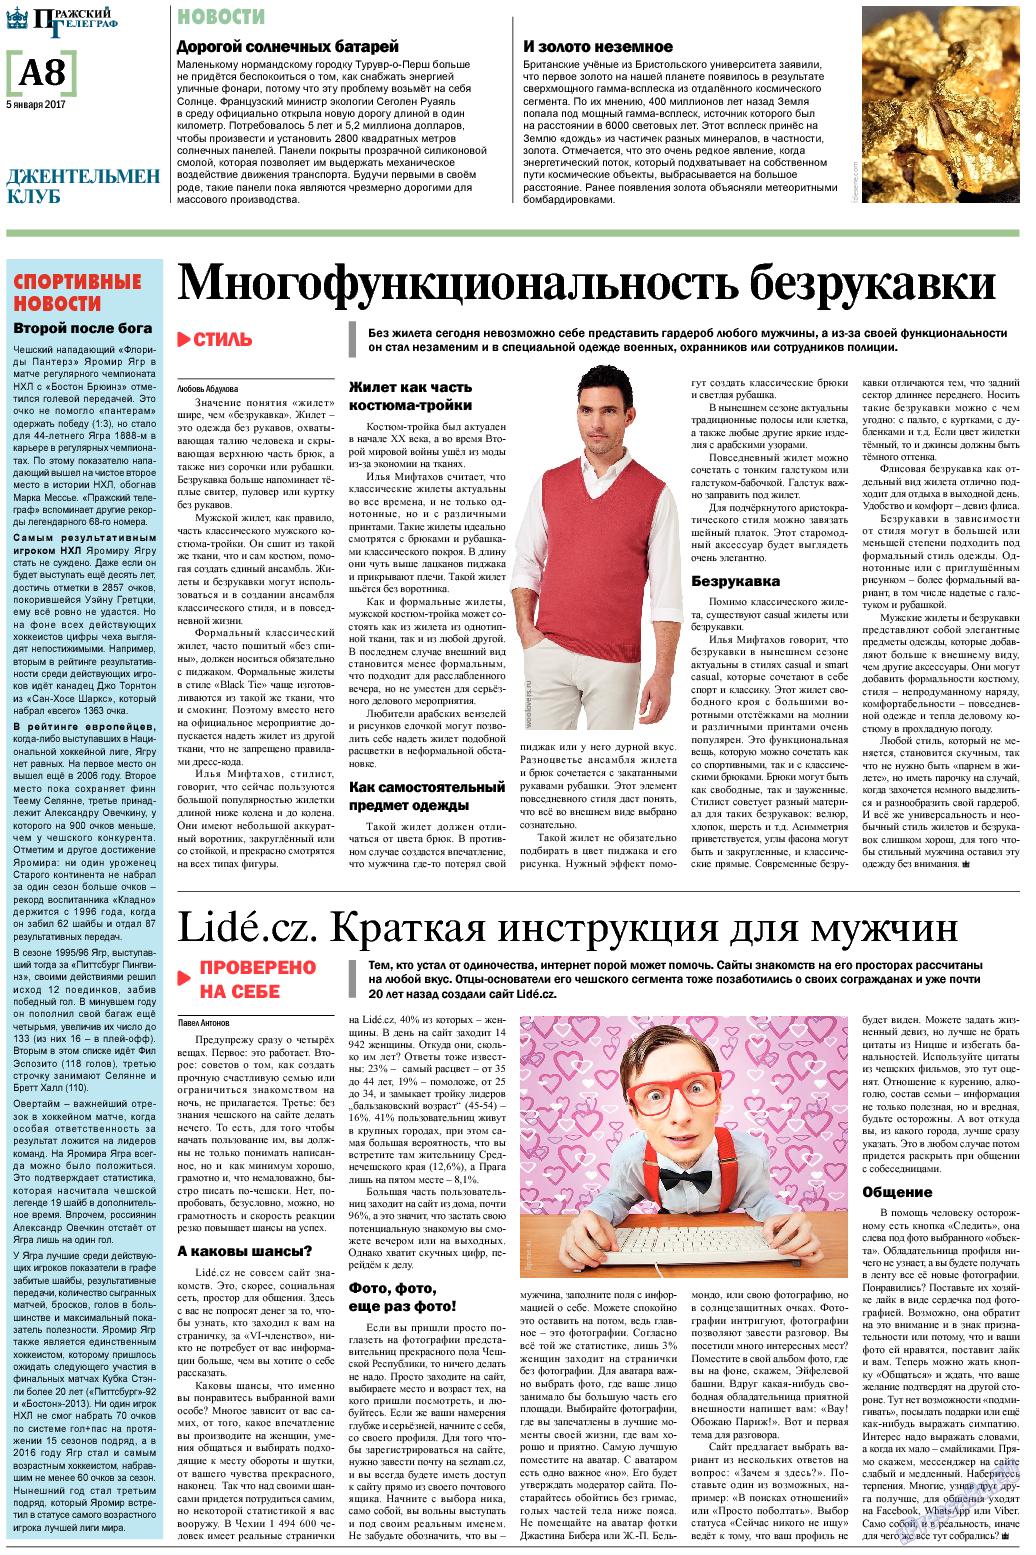 Пражский телеграф (газета). 2017 год, номер 1, стр. 8